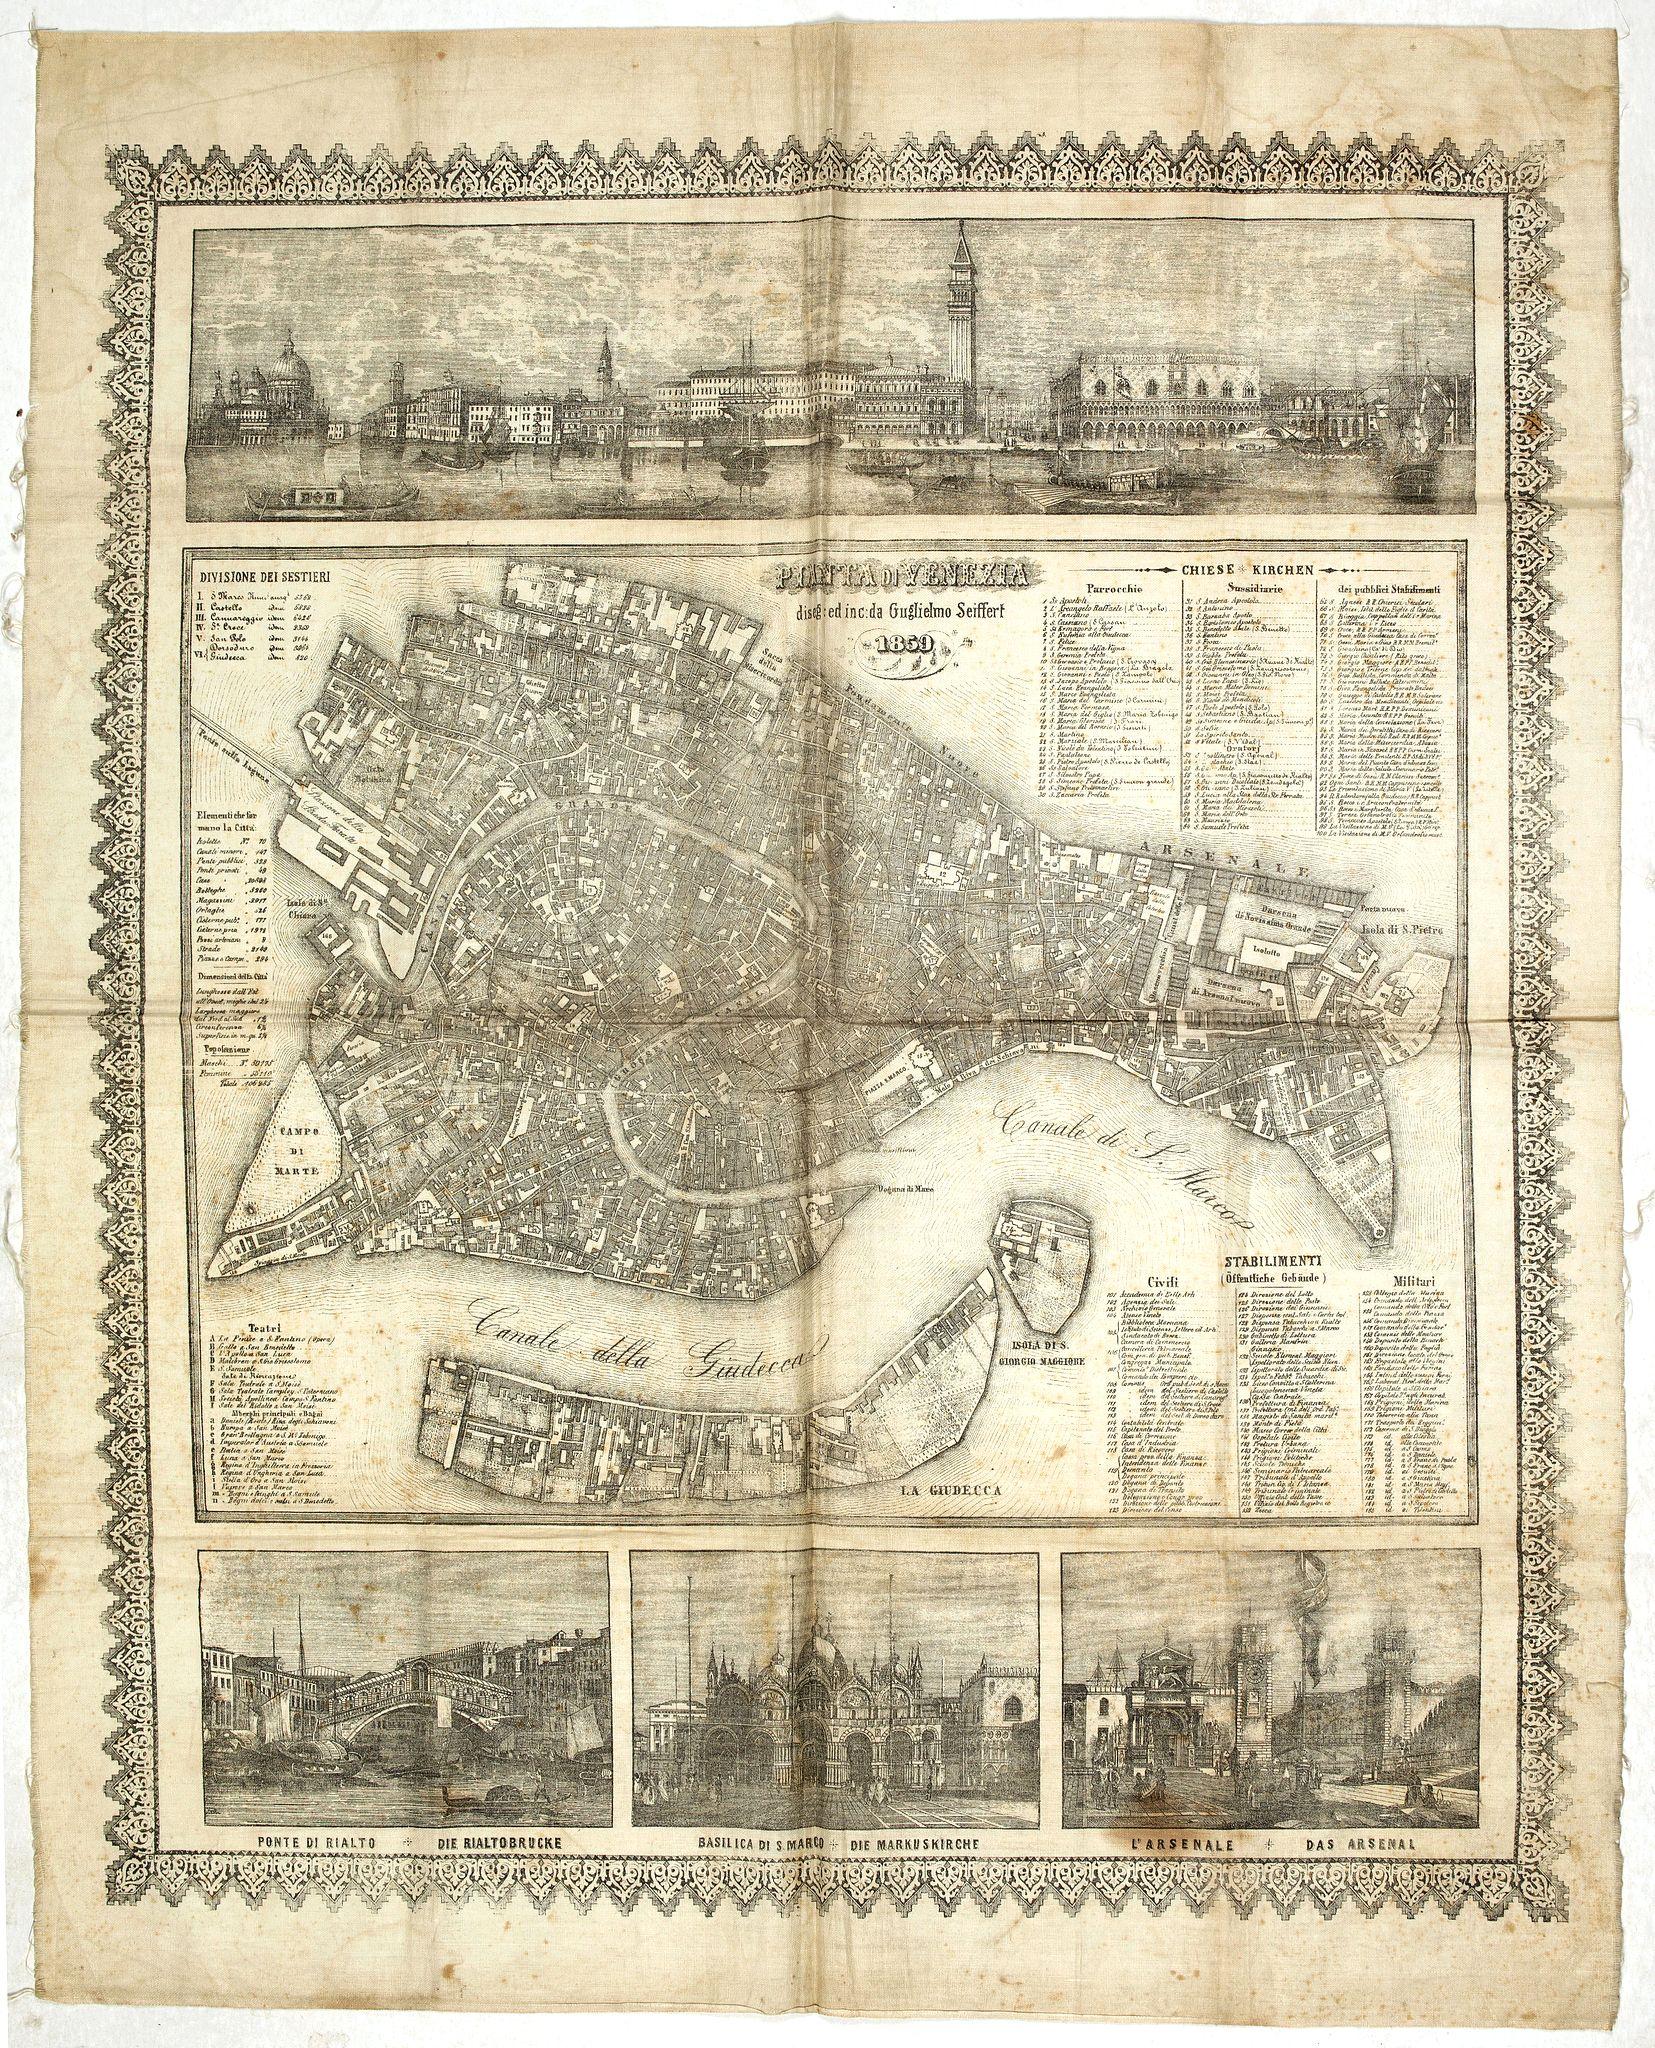 SEIFFERT, W. -  Pianta di Venezia deseg : ed inc : da Guglielmo Seiffert 1859.